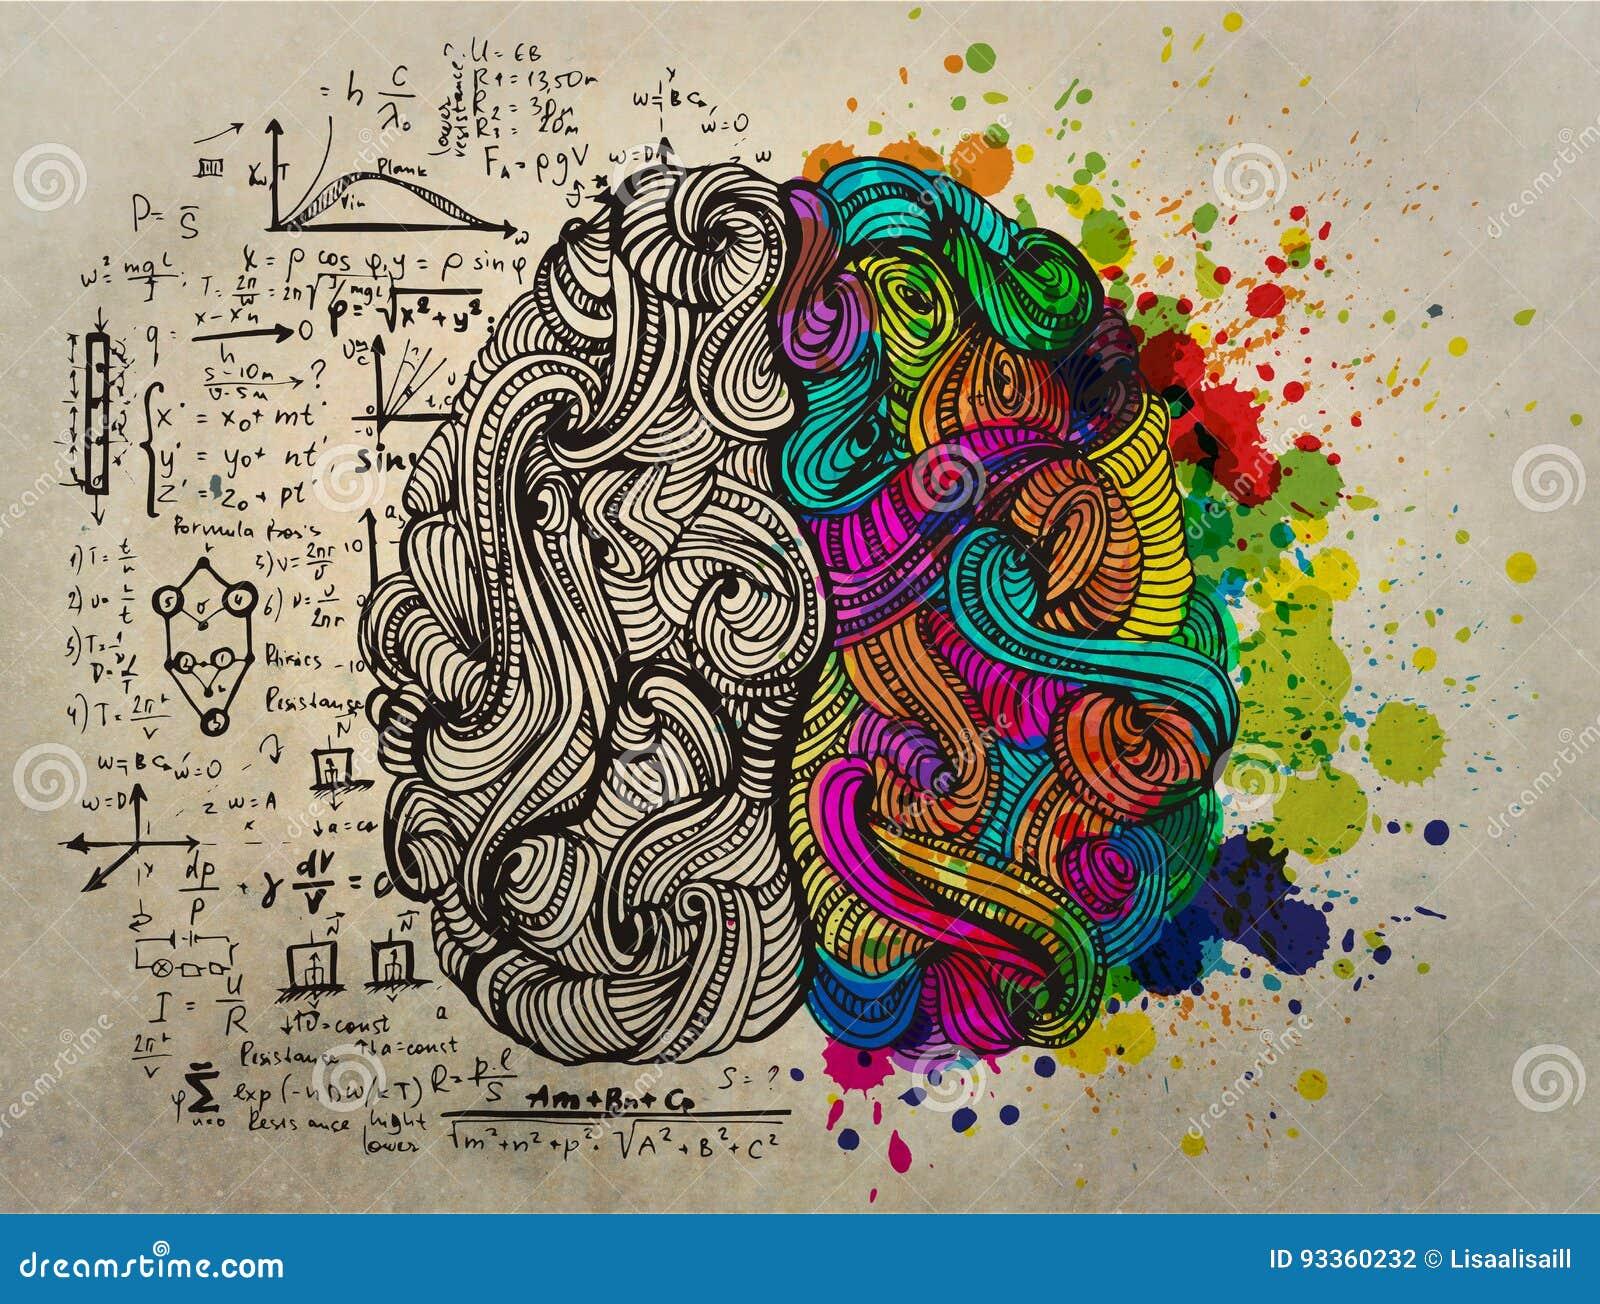 Conceito da garatuja do cérebro sobre o lado direito criativo e o lado esquerdo lógico